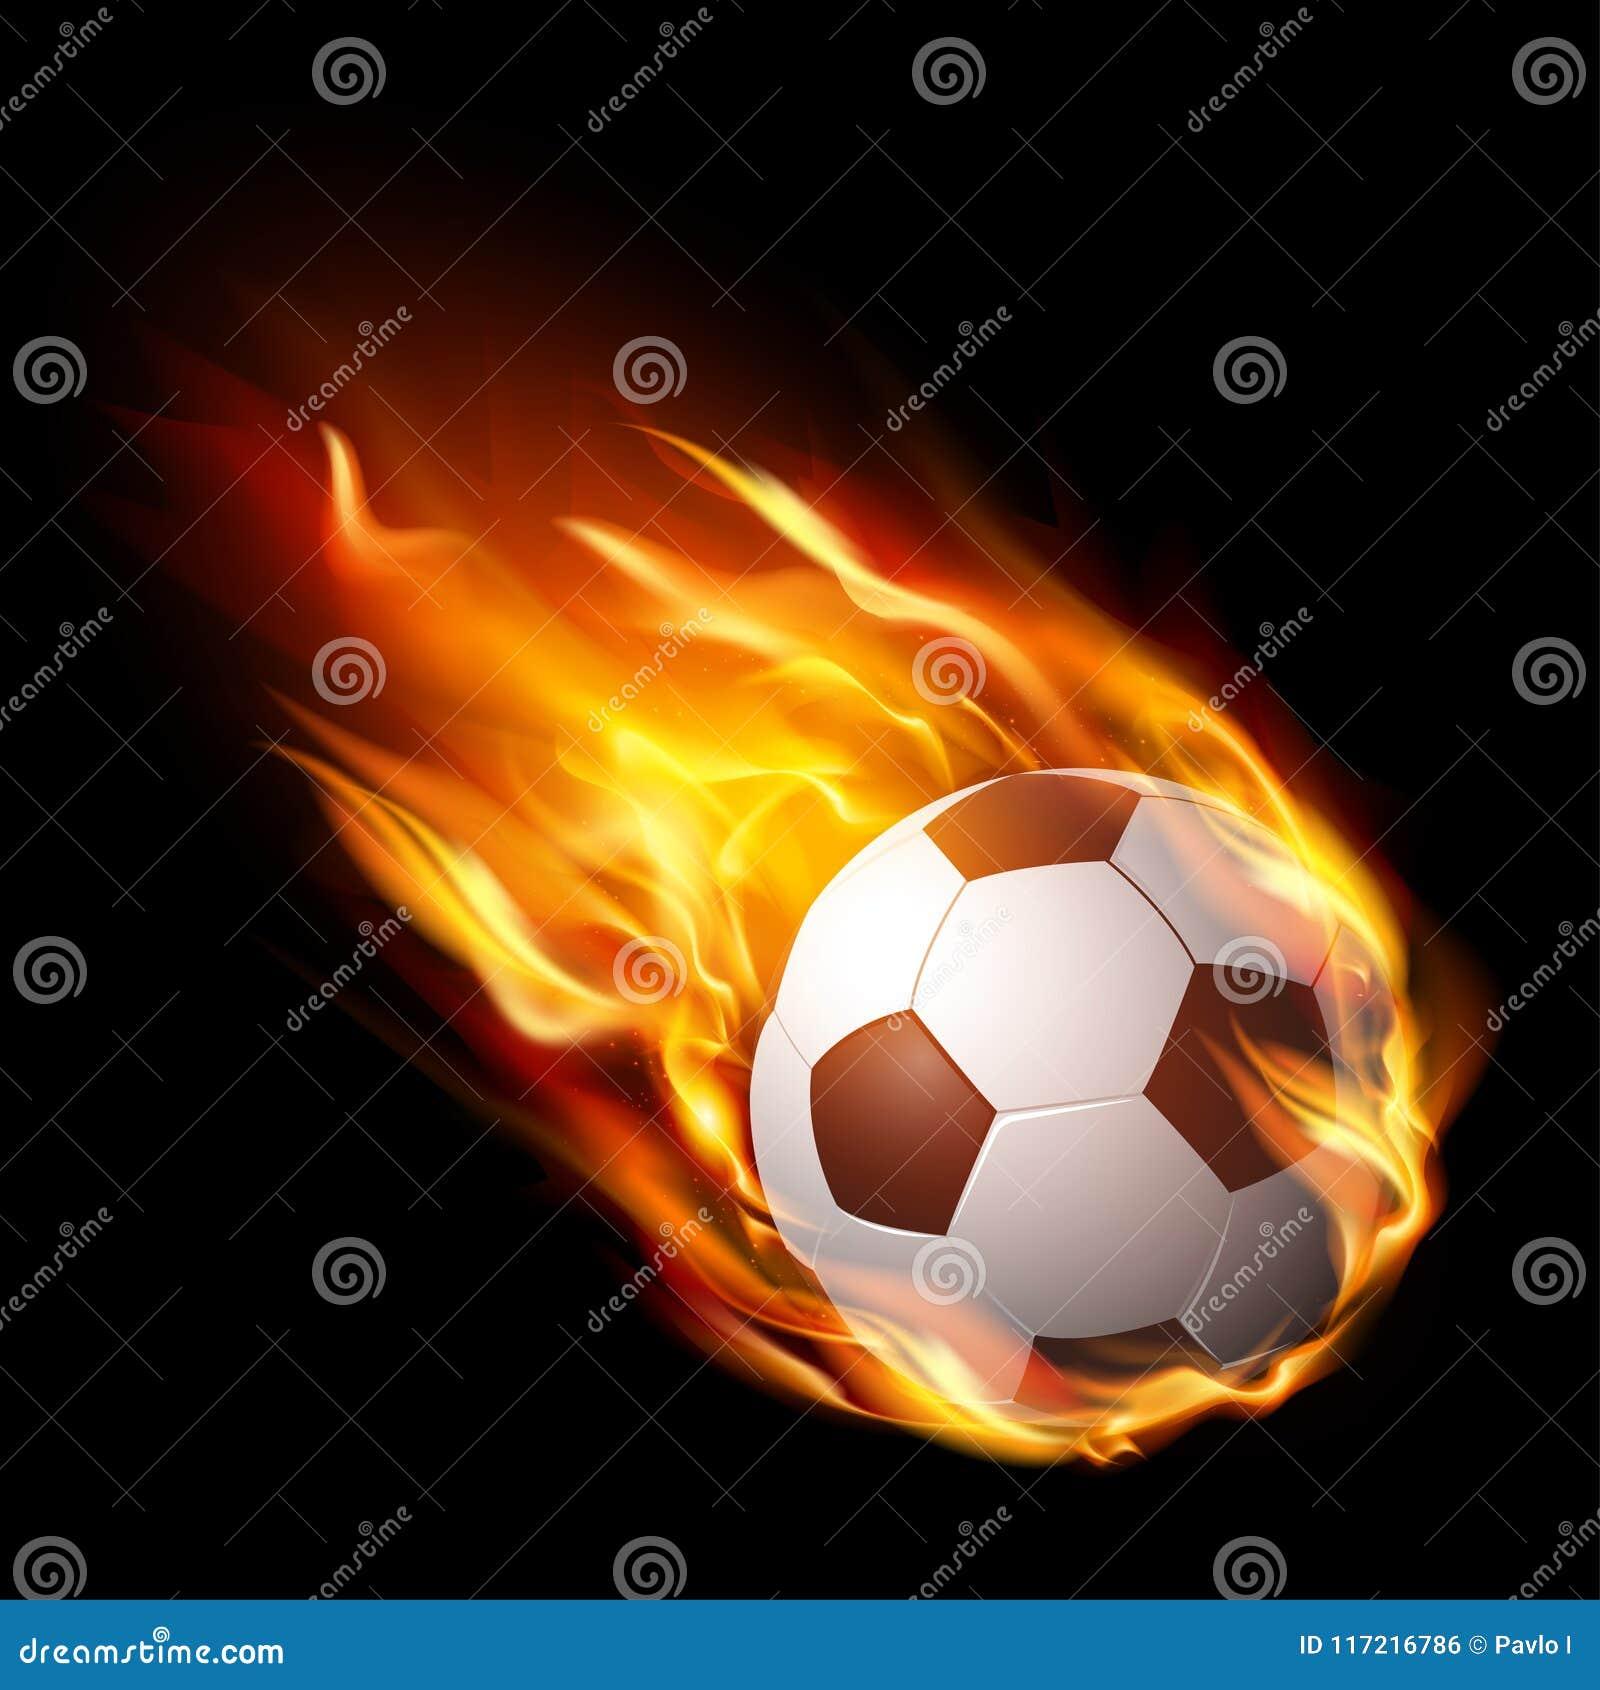 Balón De Fútbol En El Fuego 3dfe4cc75039e